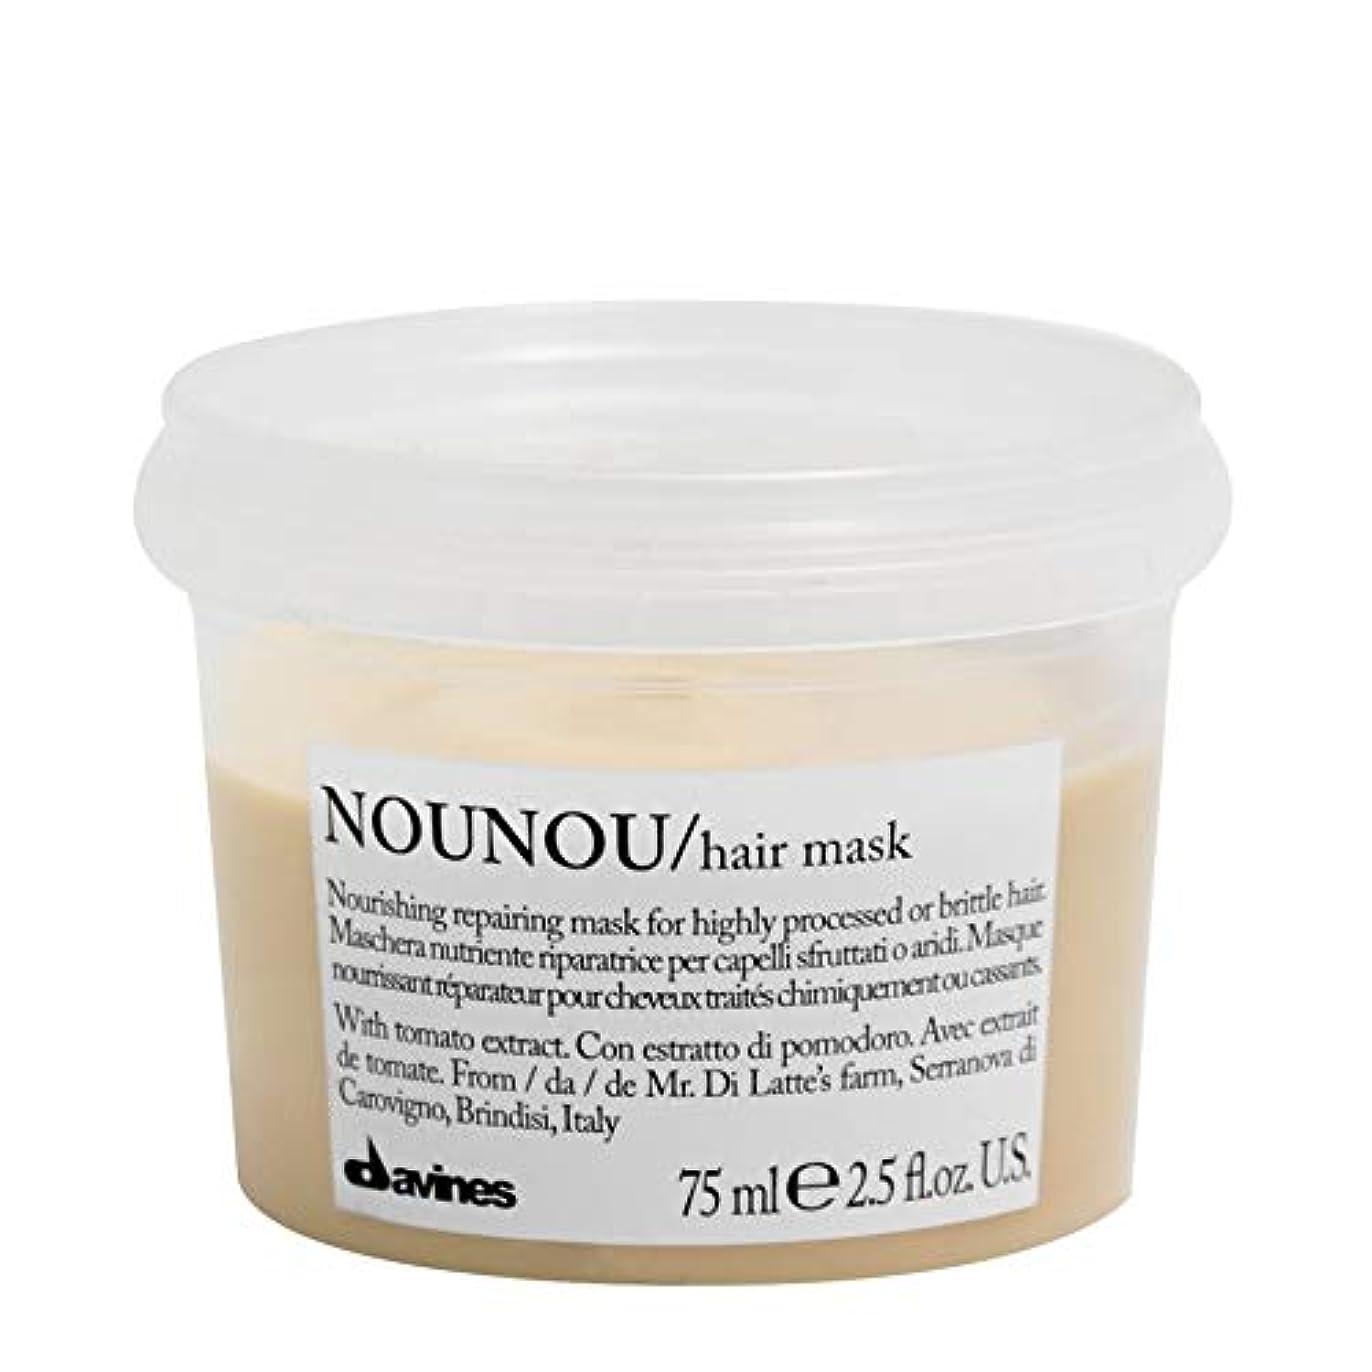 失礼読みやすさ変更可能[Davines ] ヘアマスク75ミリリットルノウノウダヴィネス - Davines NouNou Hair Mask 75ml [並行輸入品]